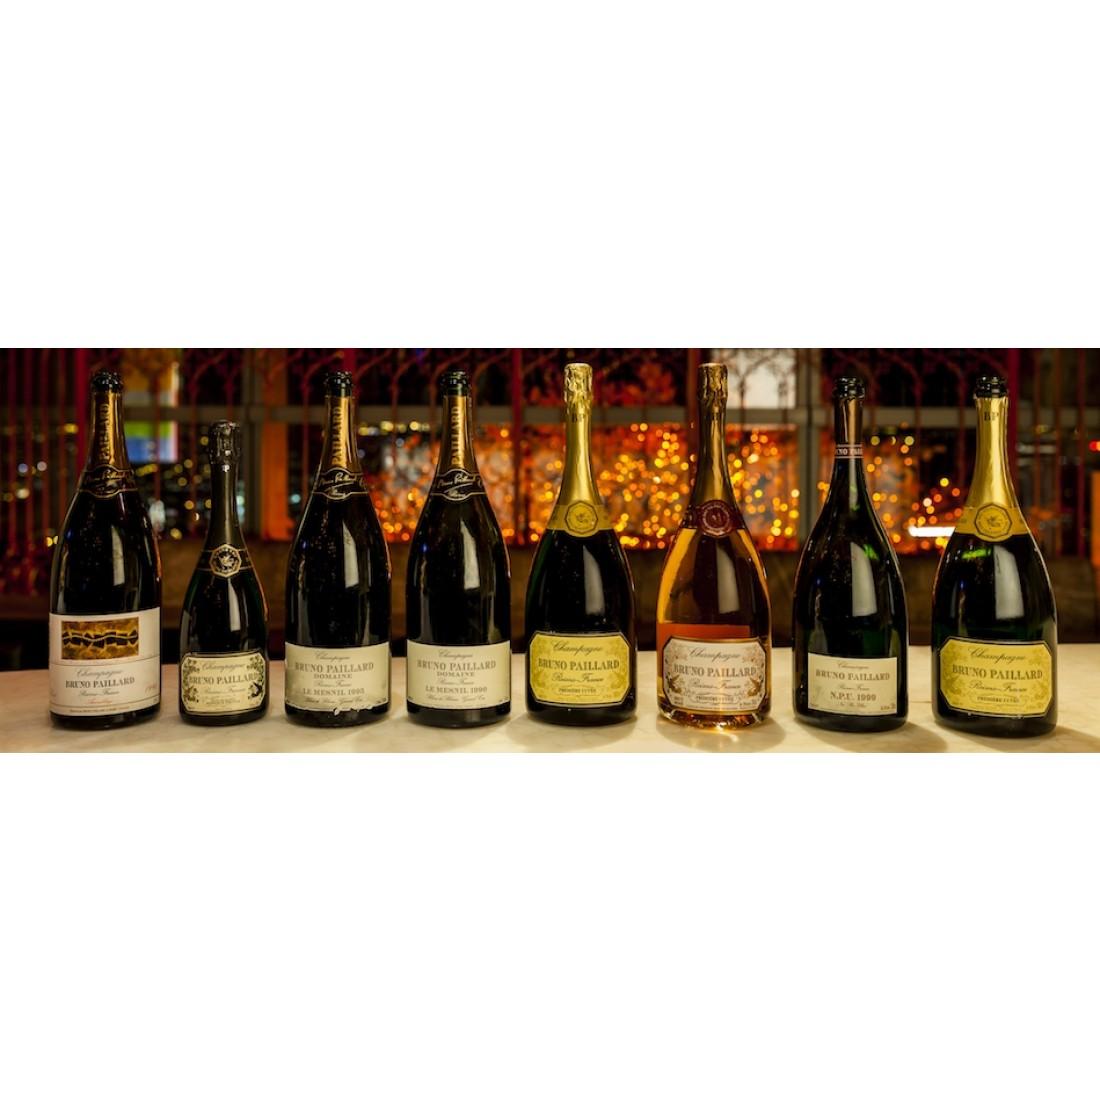 Champagnemiddag på Restaurant Marchal med Bruno Paillard tirsdag den 19 maj kl.18.30-32